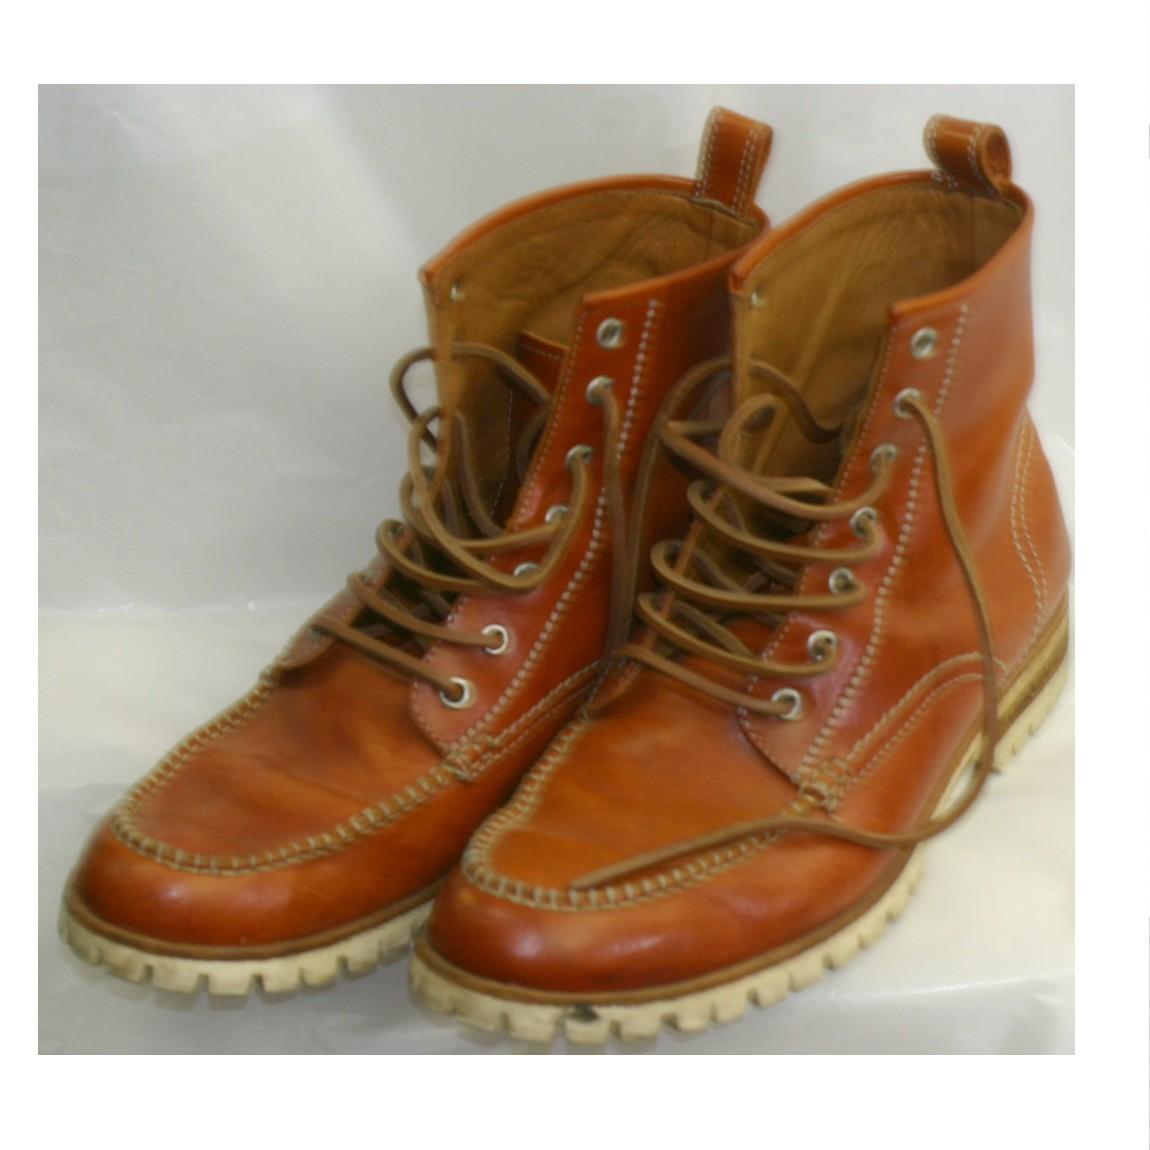 【中古】本物美品DSQUARED2ディスクアードのブラウン色革素材のブーツ お勧めです サイズ表記41 1/2 ○D14-79